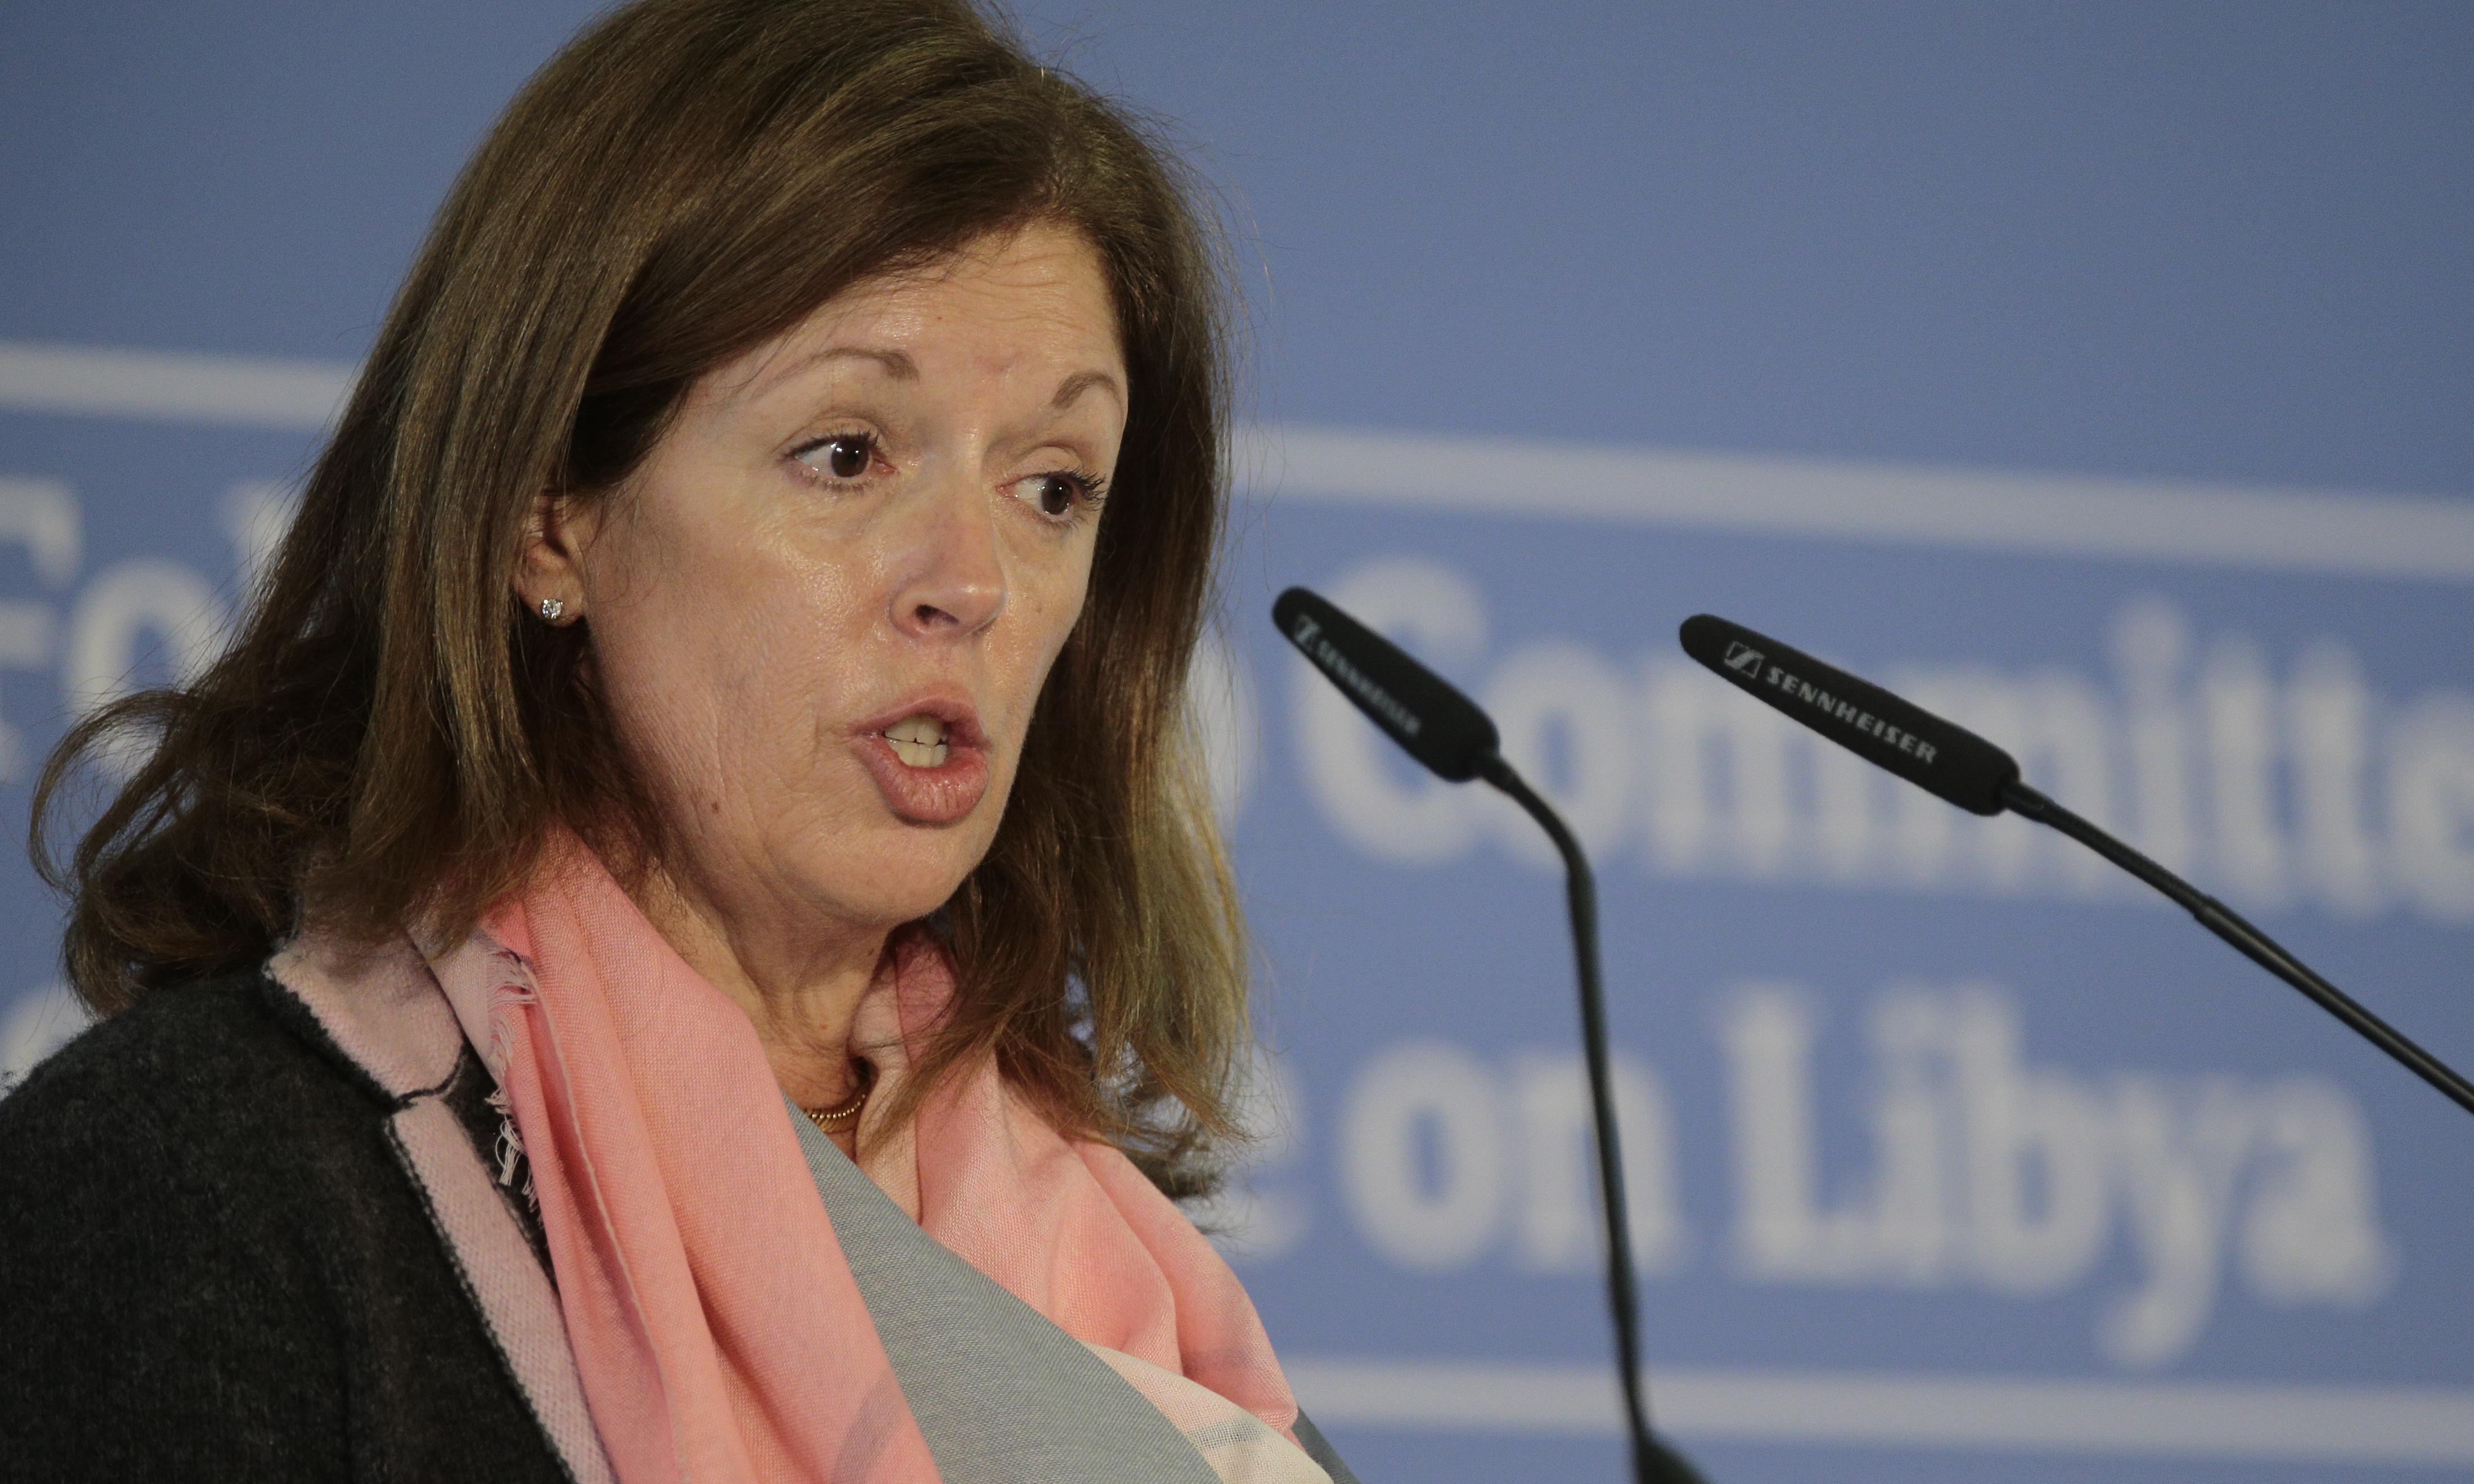 Libya arms embargo is a joke, says UN envoy as ceasefire talks continue